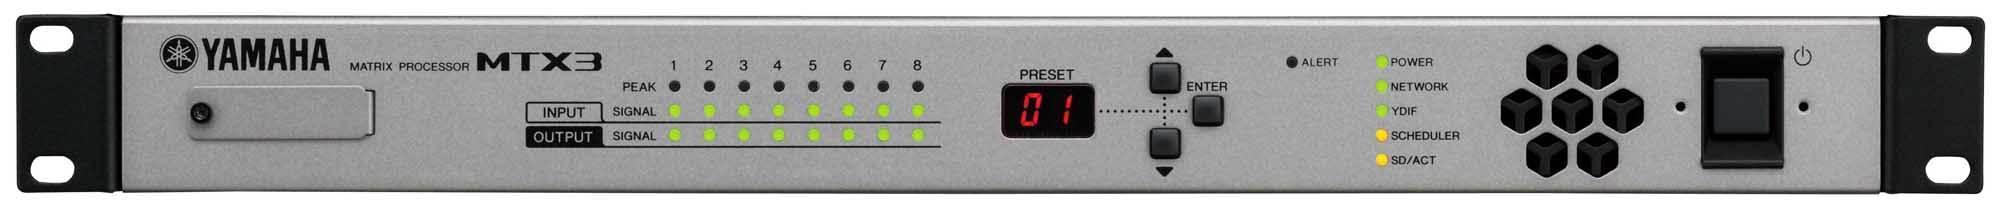 میکسر ، پری آمپ و پروسسور هوشمند صوتی محصول کمپانی YAMAHA ( یاماها ) مدل MTX3